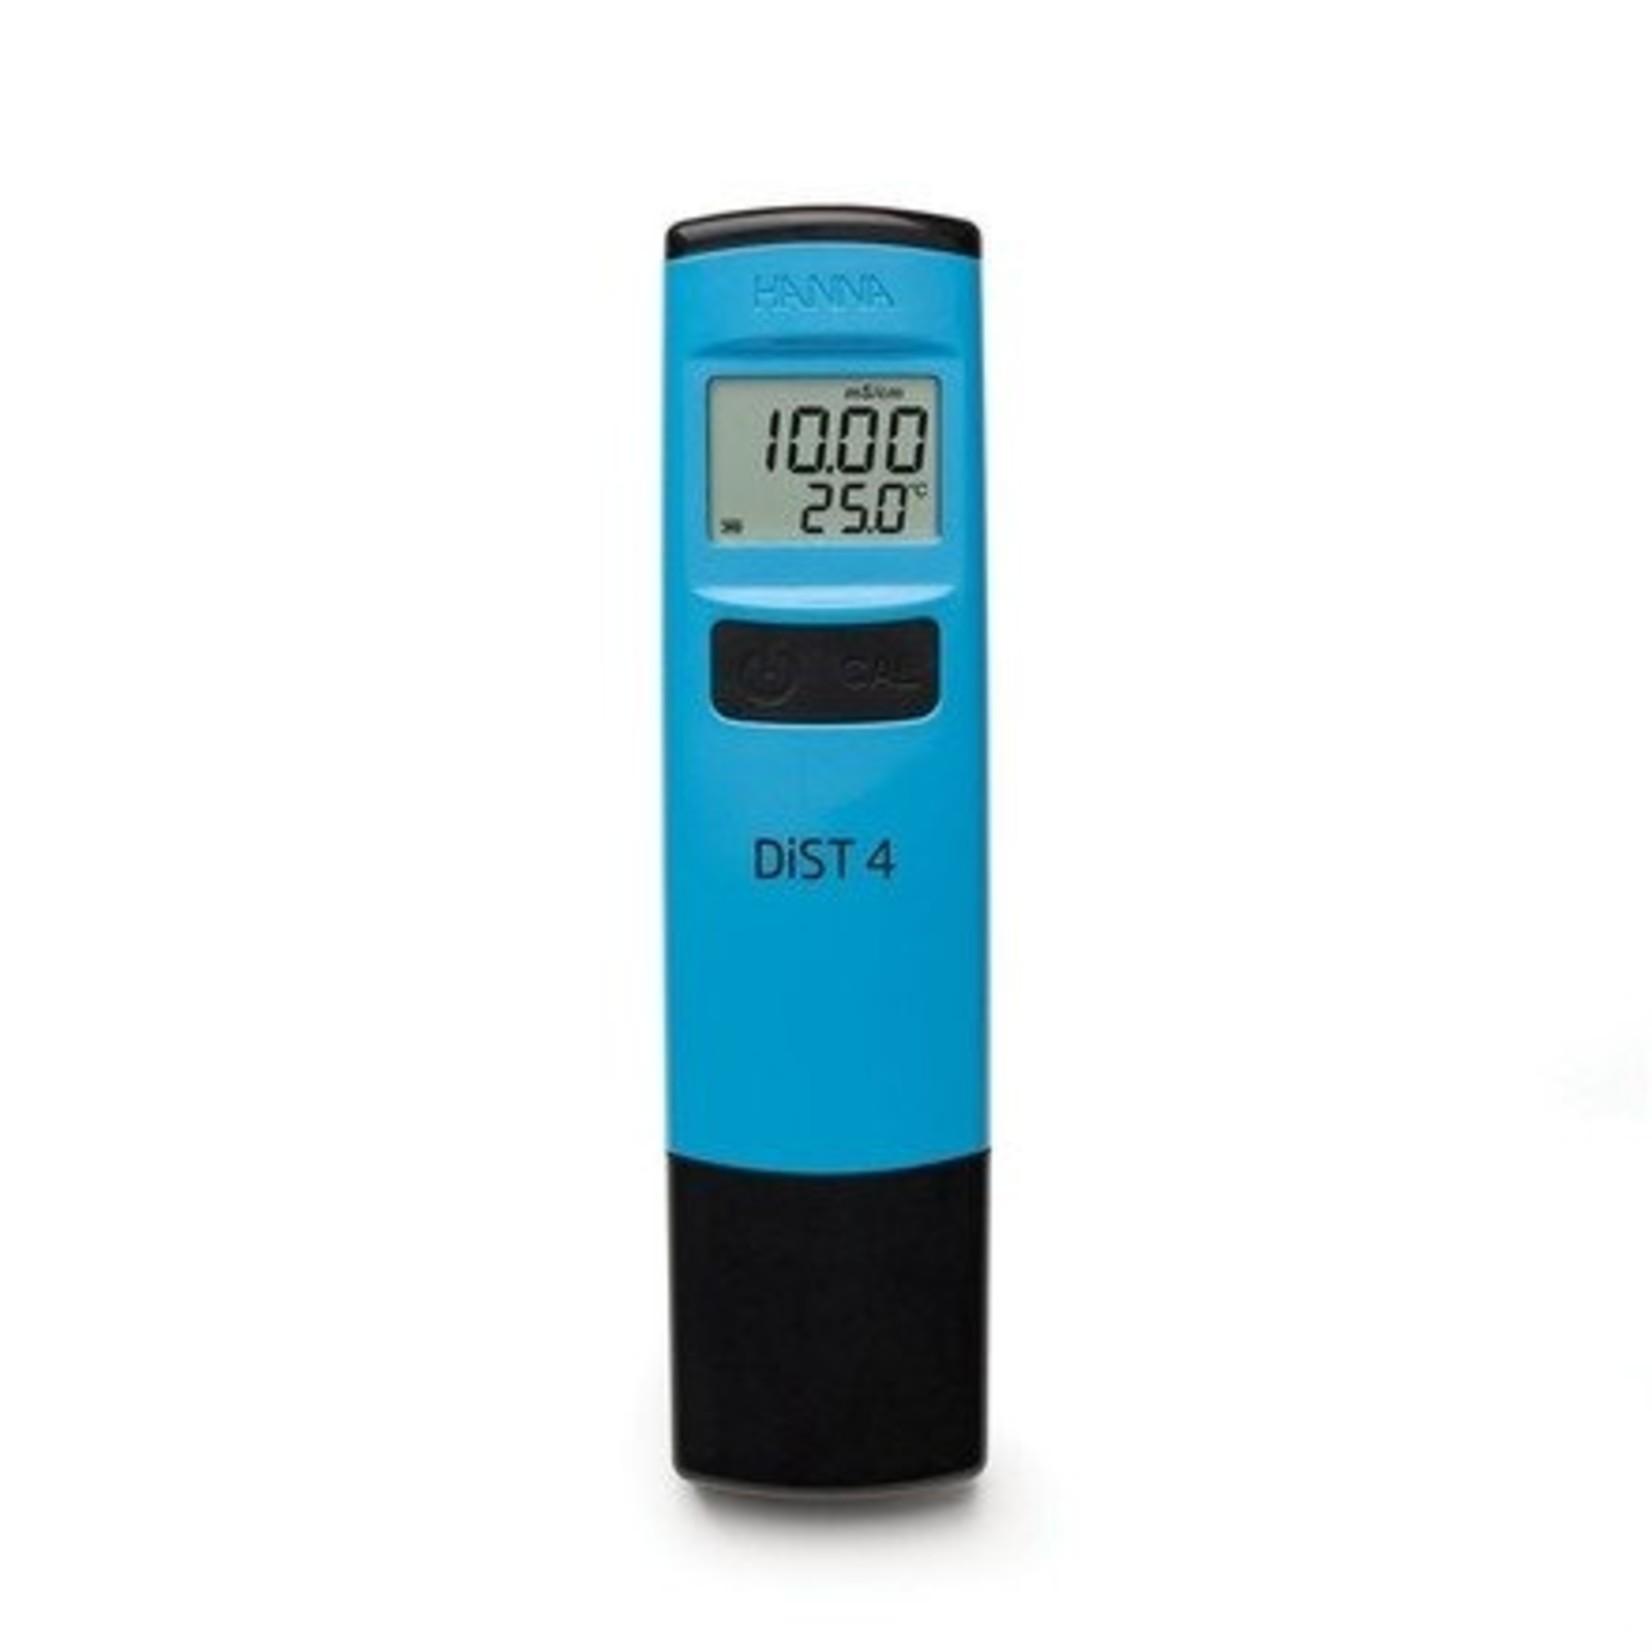 Hanna Instruments HI98304 Dist 4 geleidbaarheids tester 0-19,99 mS/cm